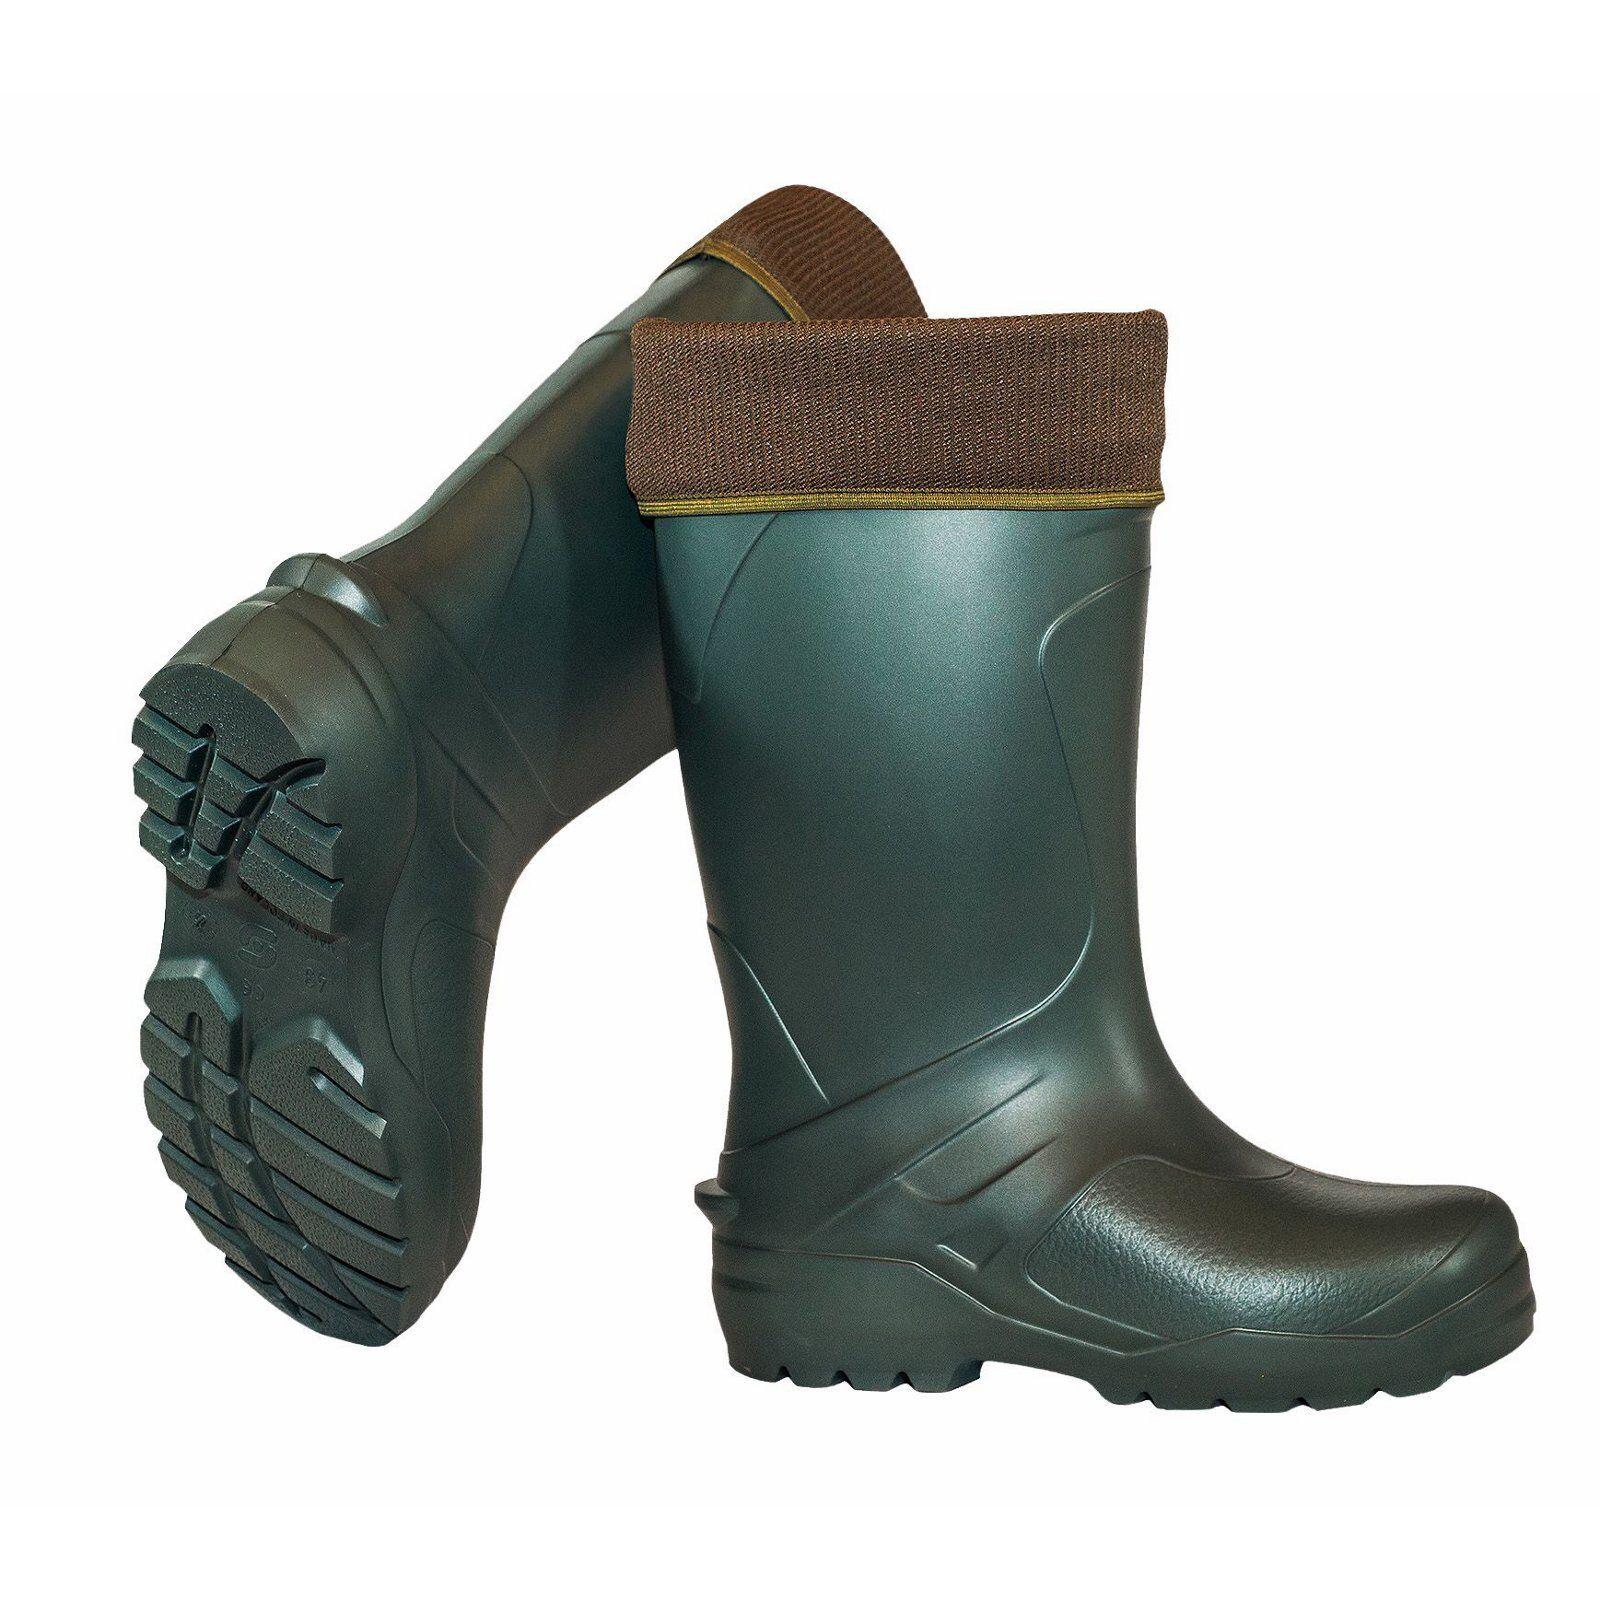 Crosslander señores botas vancouver-verde - 40 botas botas botas señores invierno stallschuh  precios mas bajos